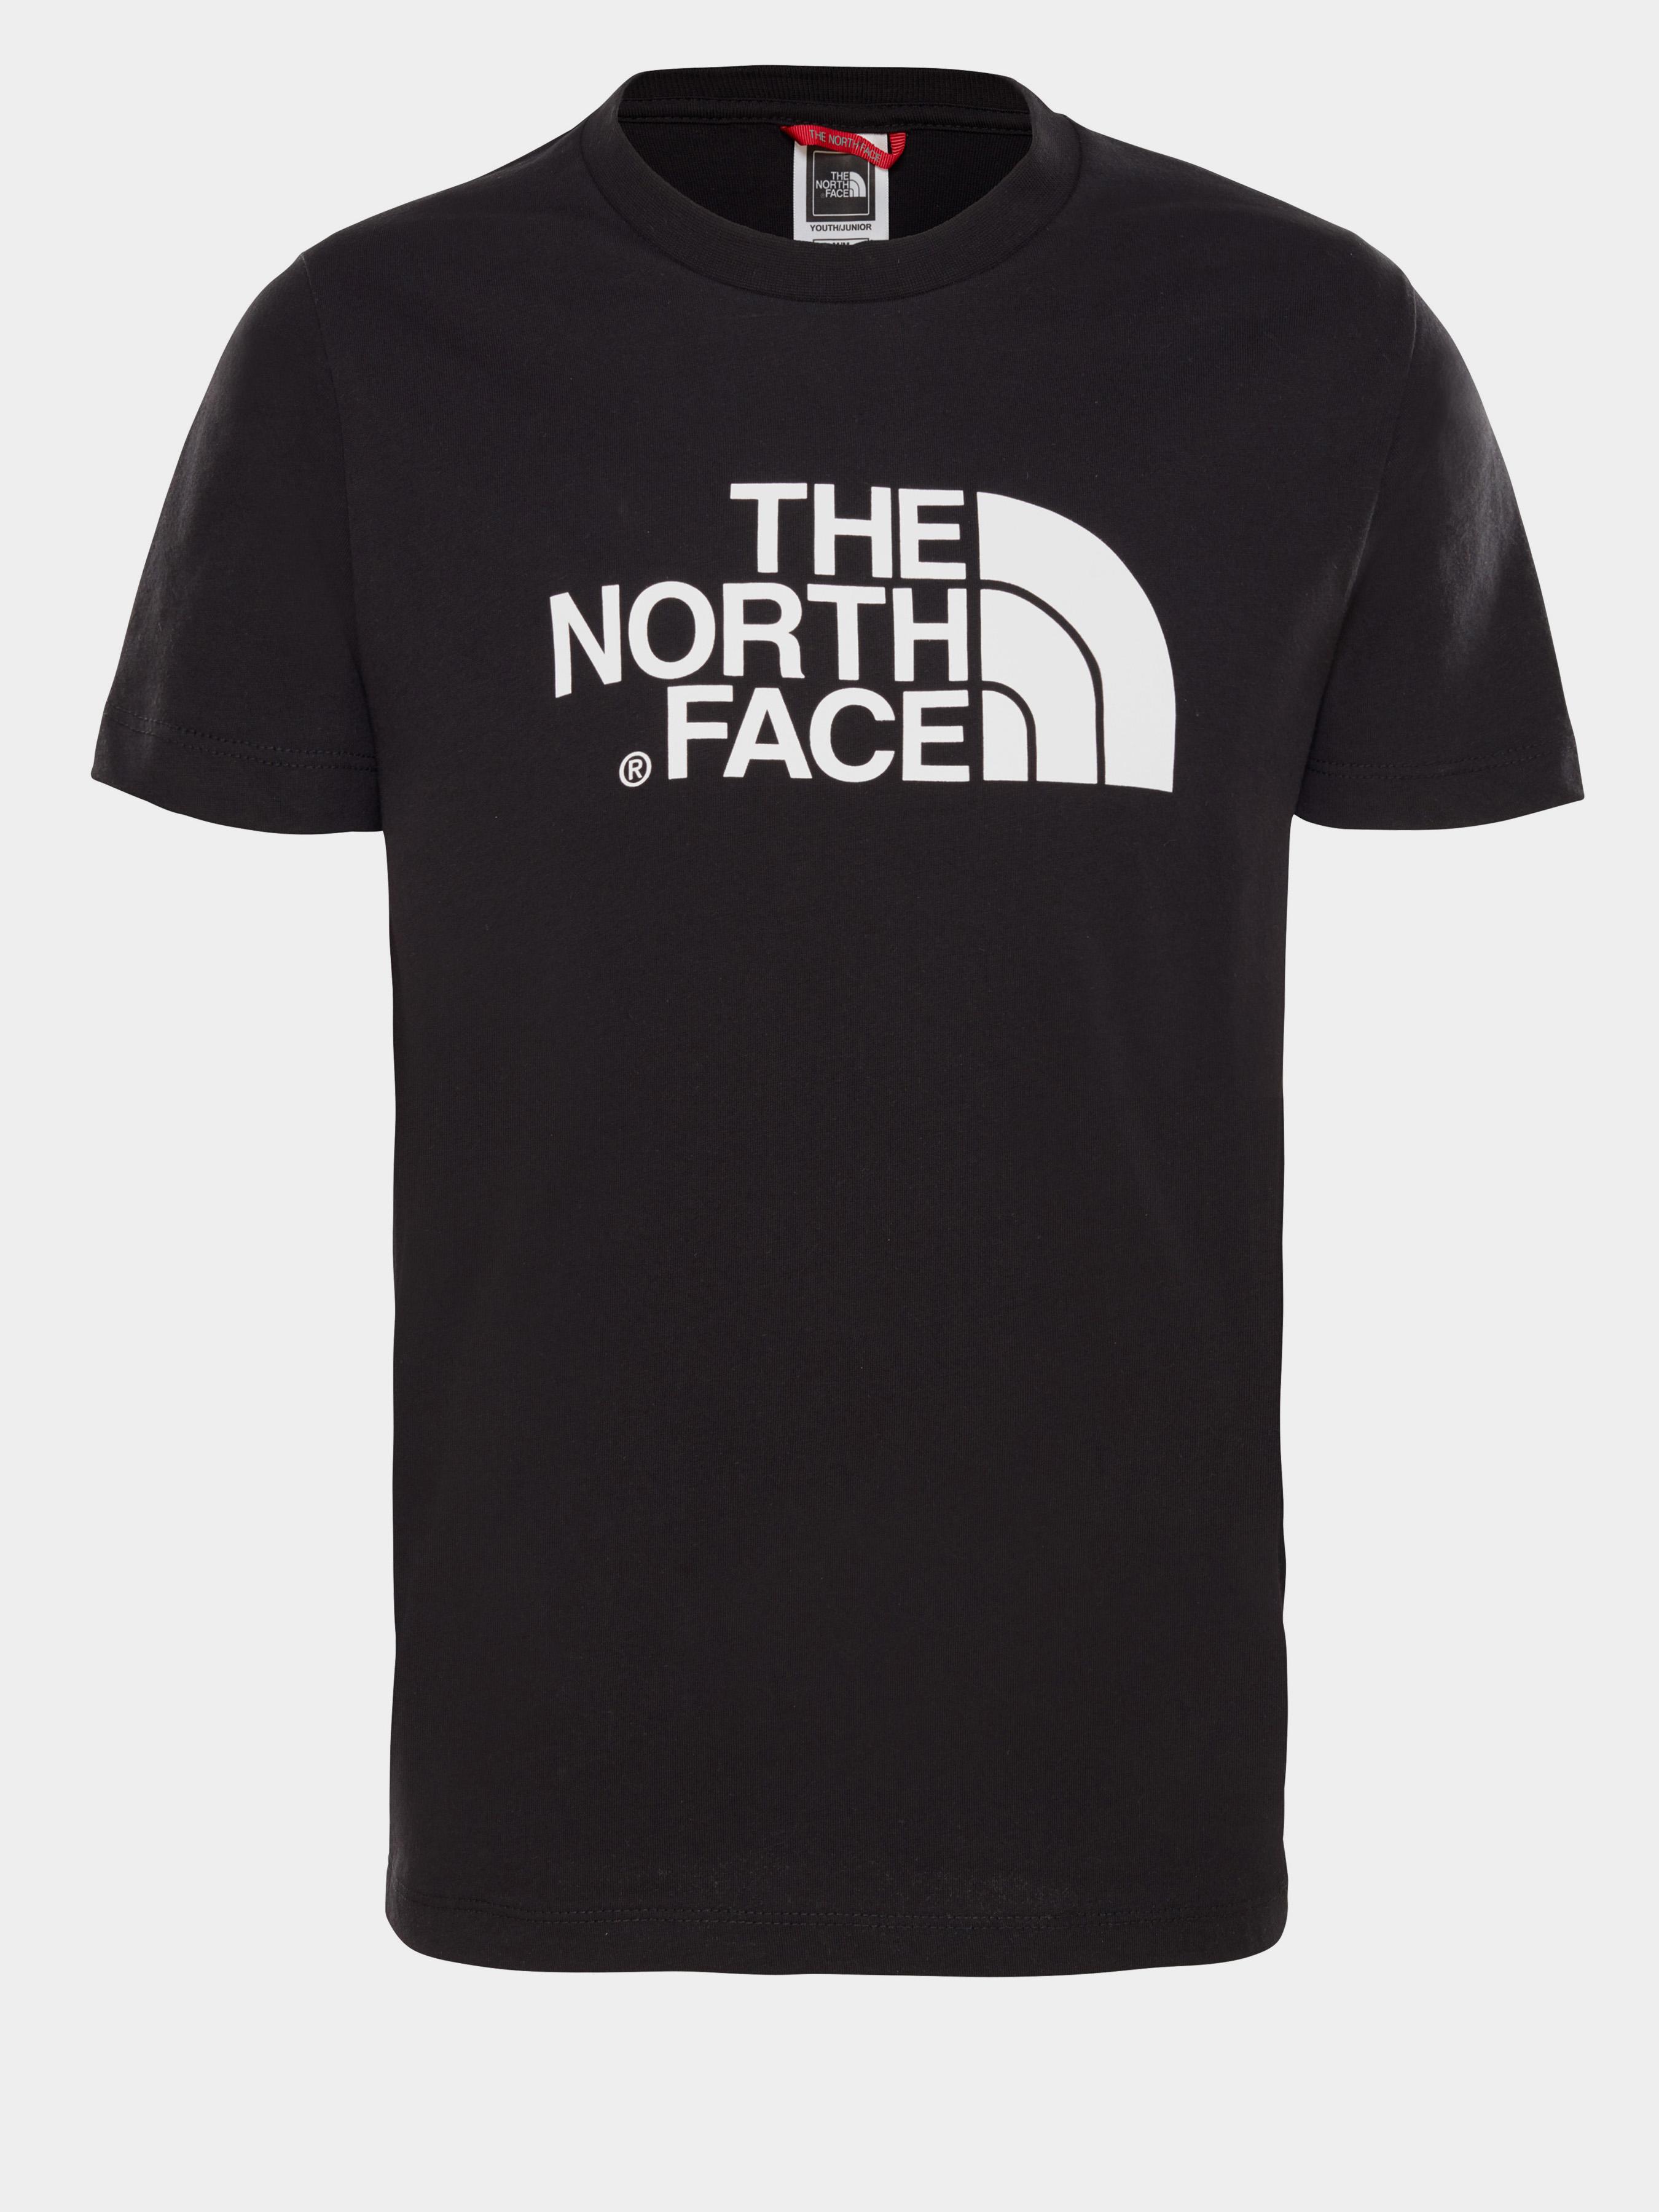 Футболка детские The North Face модель 7Y135 отзывы, 2017